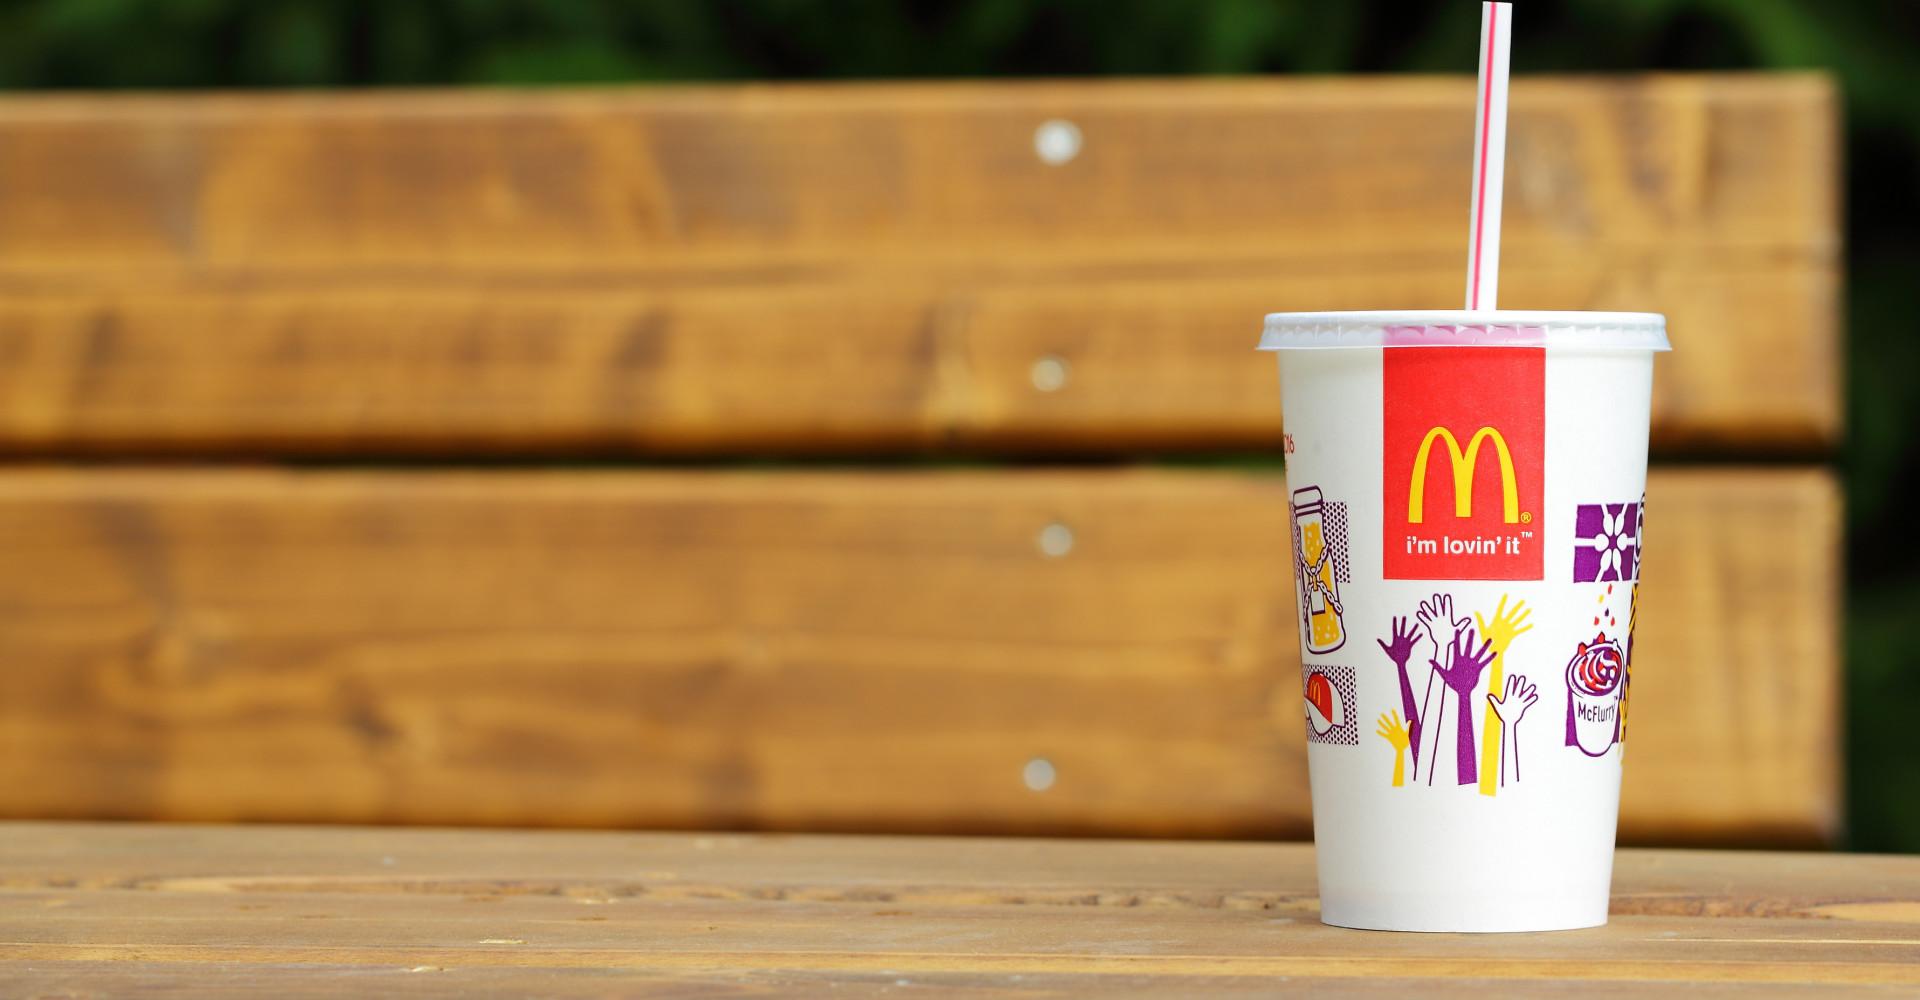 De kleinste McDonald's staat in Nederland